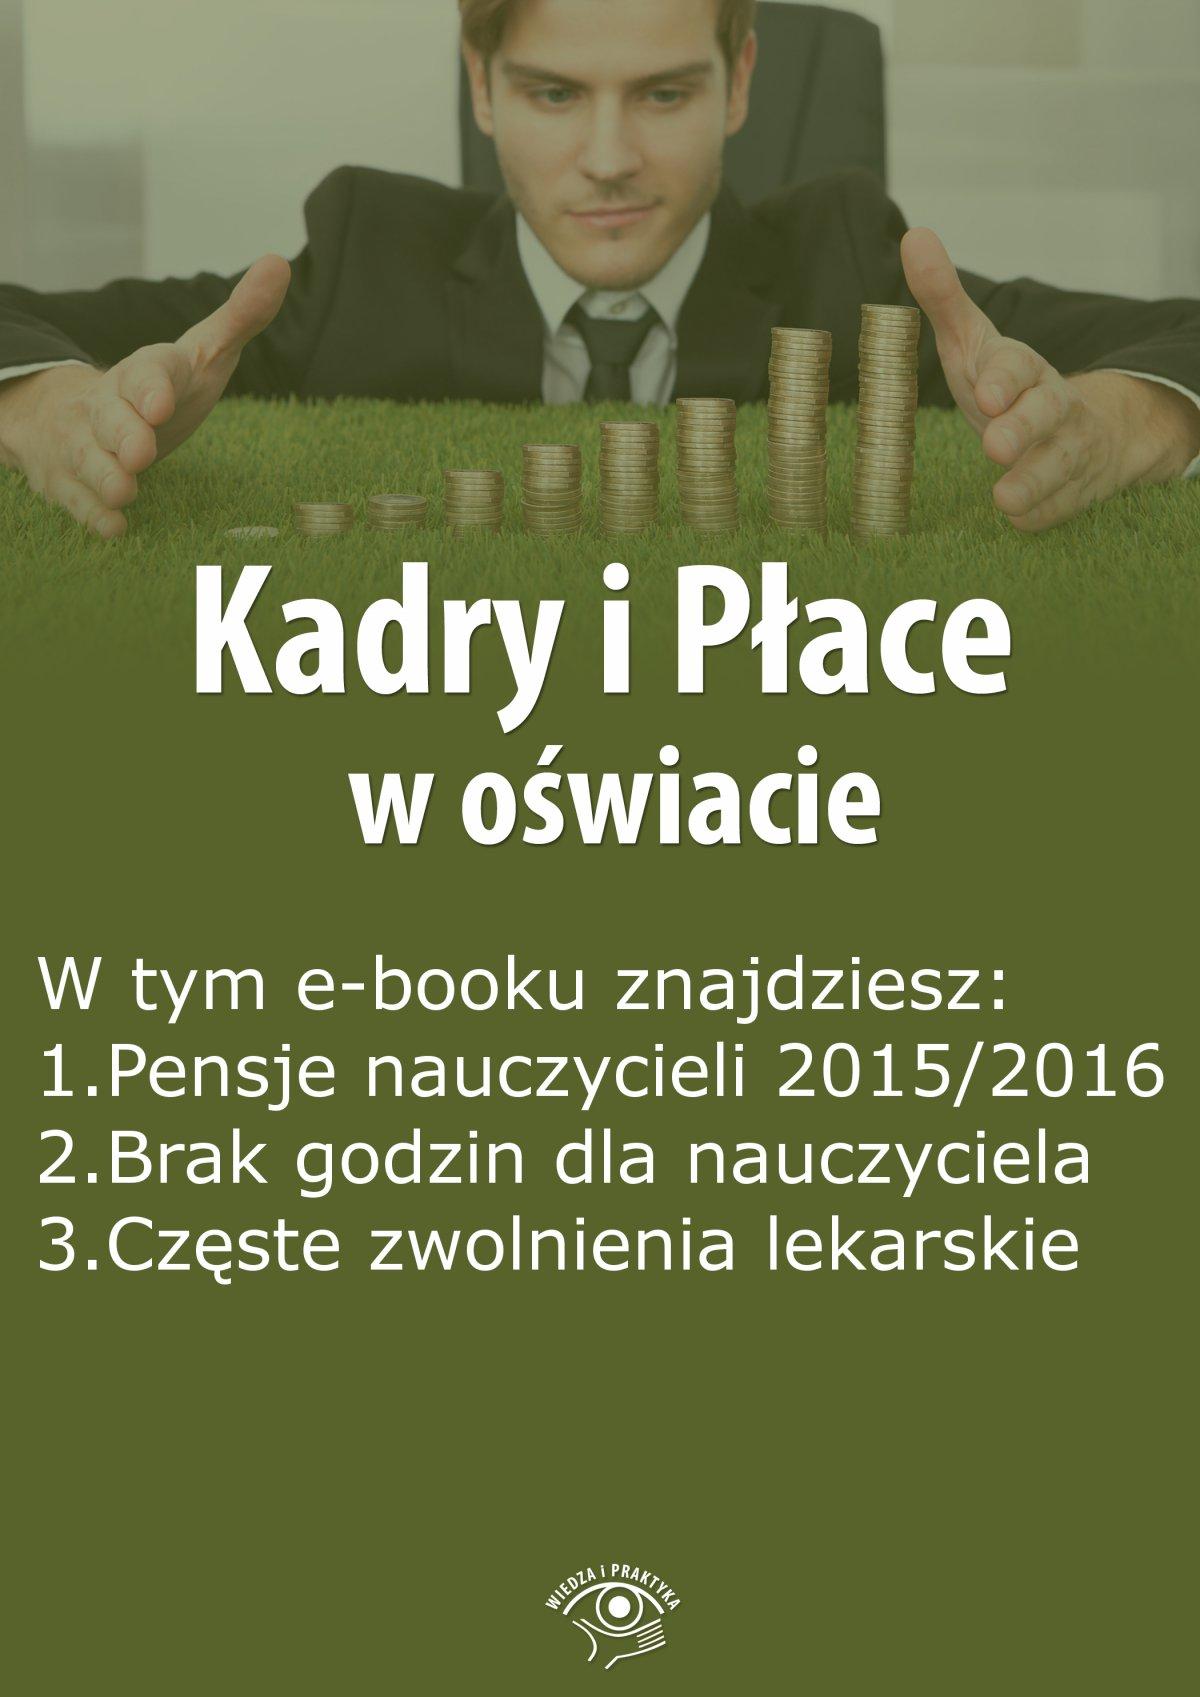 Kadry i Płace w oświacie, wydanie sierpień 2015 r. - Ebook (Książka EPUB) do pobrania w formacie EPUB